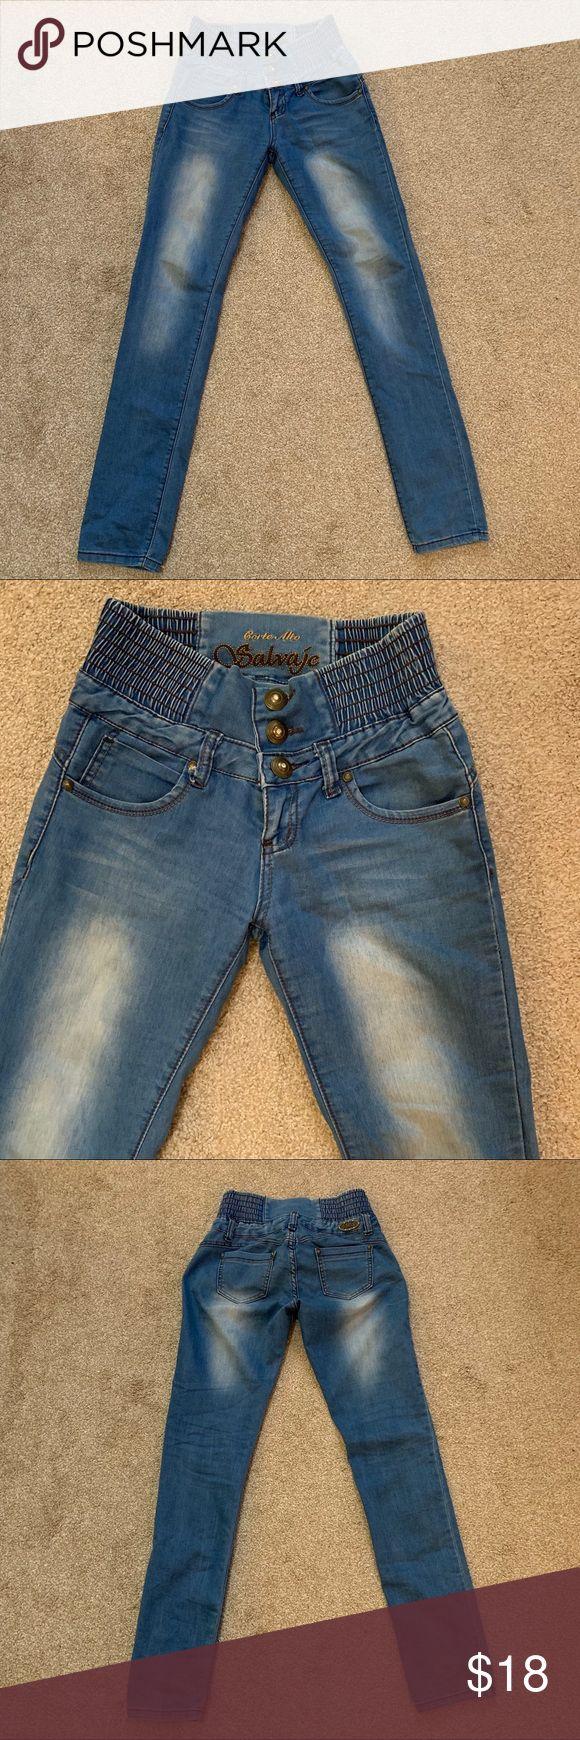 salvaje elastic waistband bubble jeans description skinny jeans